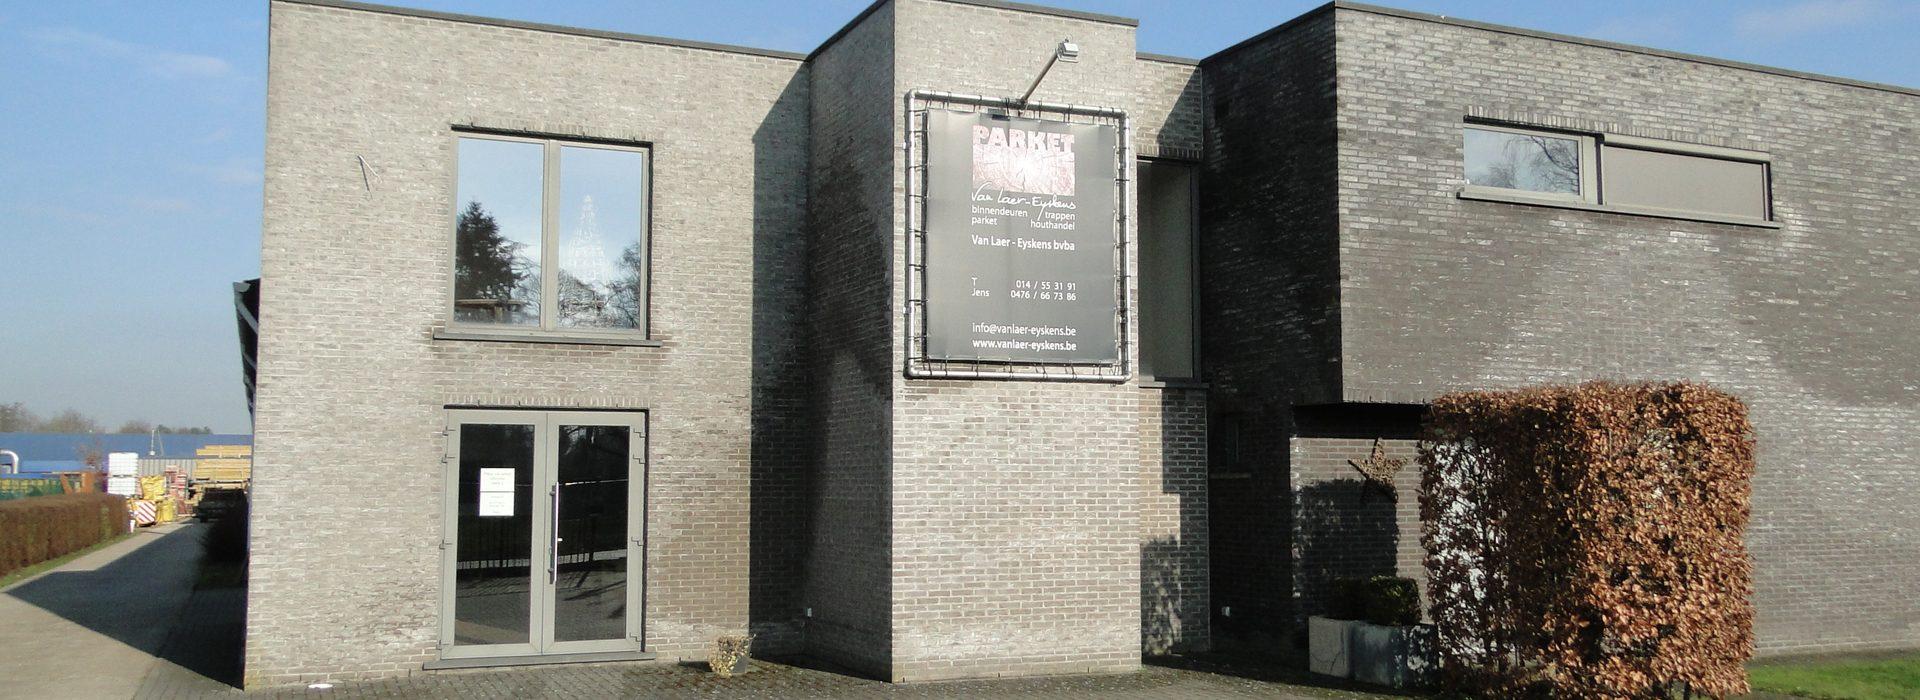 Ons bedrijf - Parket van Laer - Eyskens